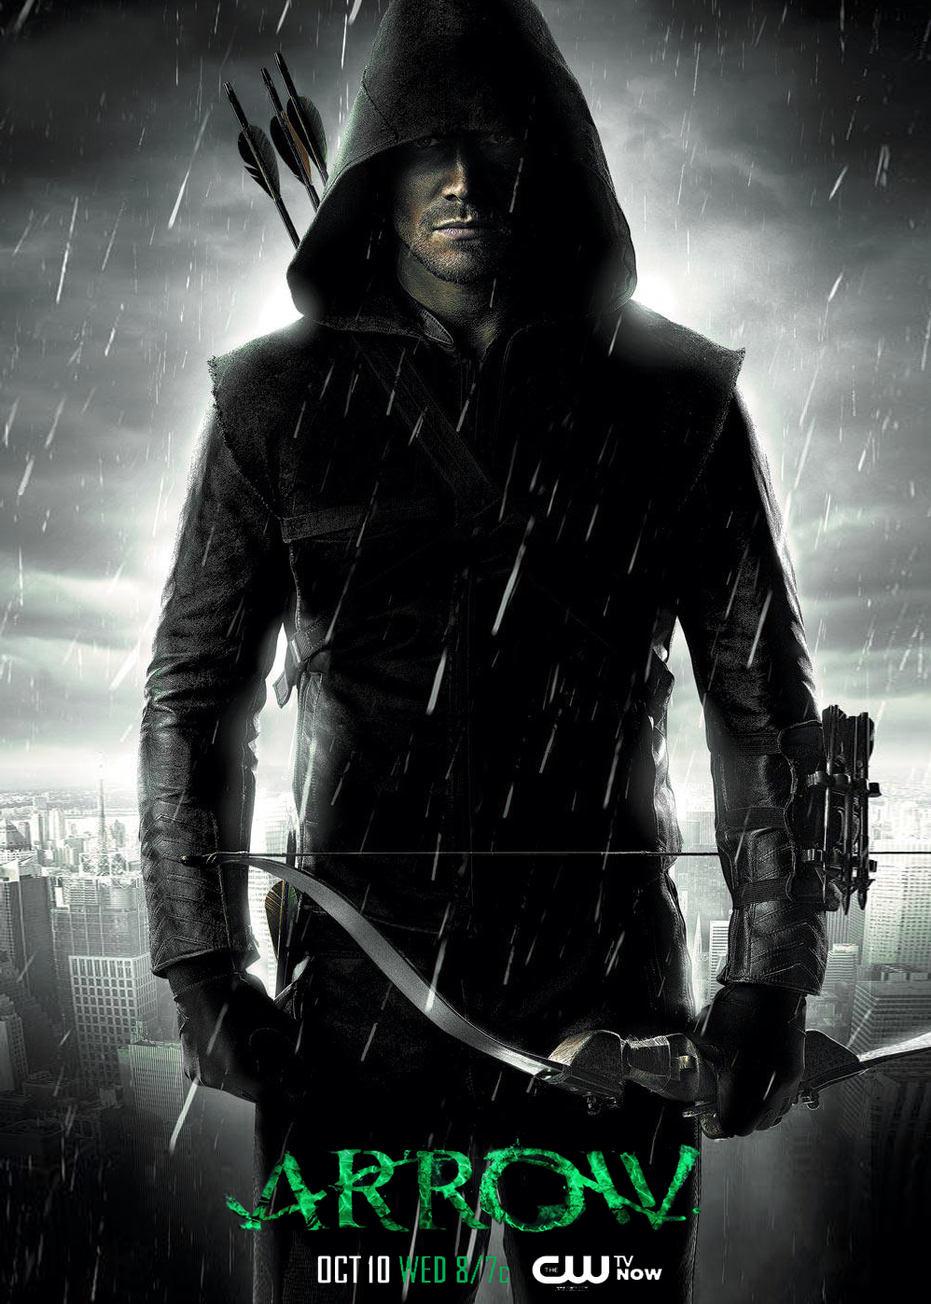 Arrow-S1-Poster-Kharen-Hill.jpg